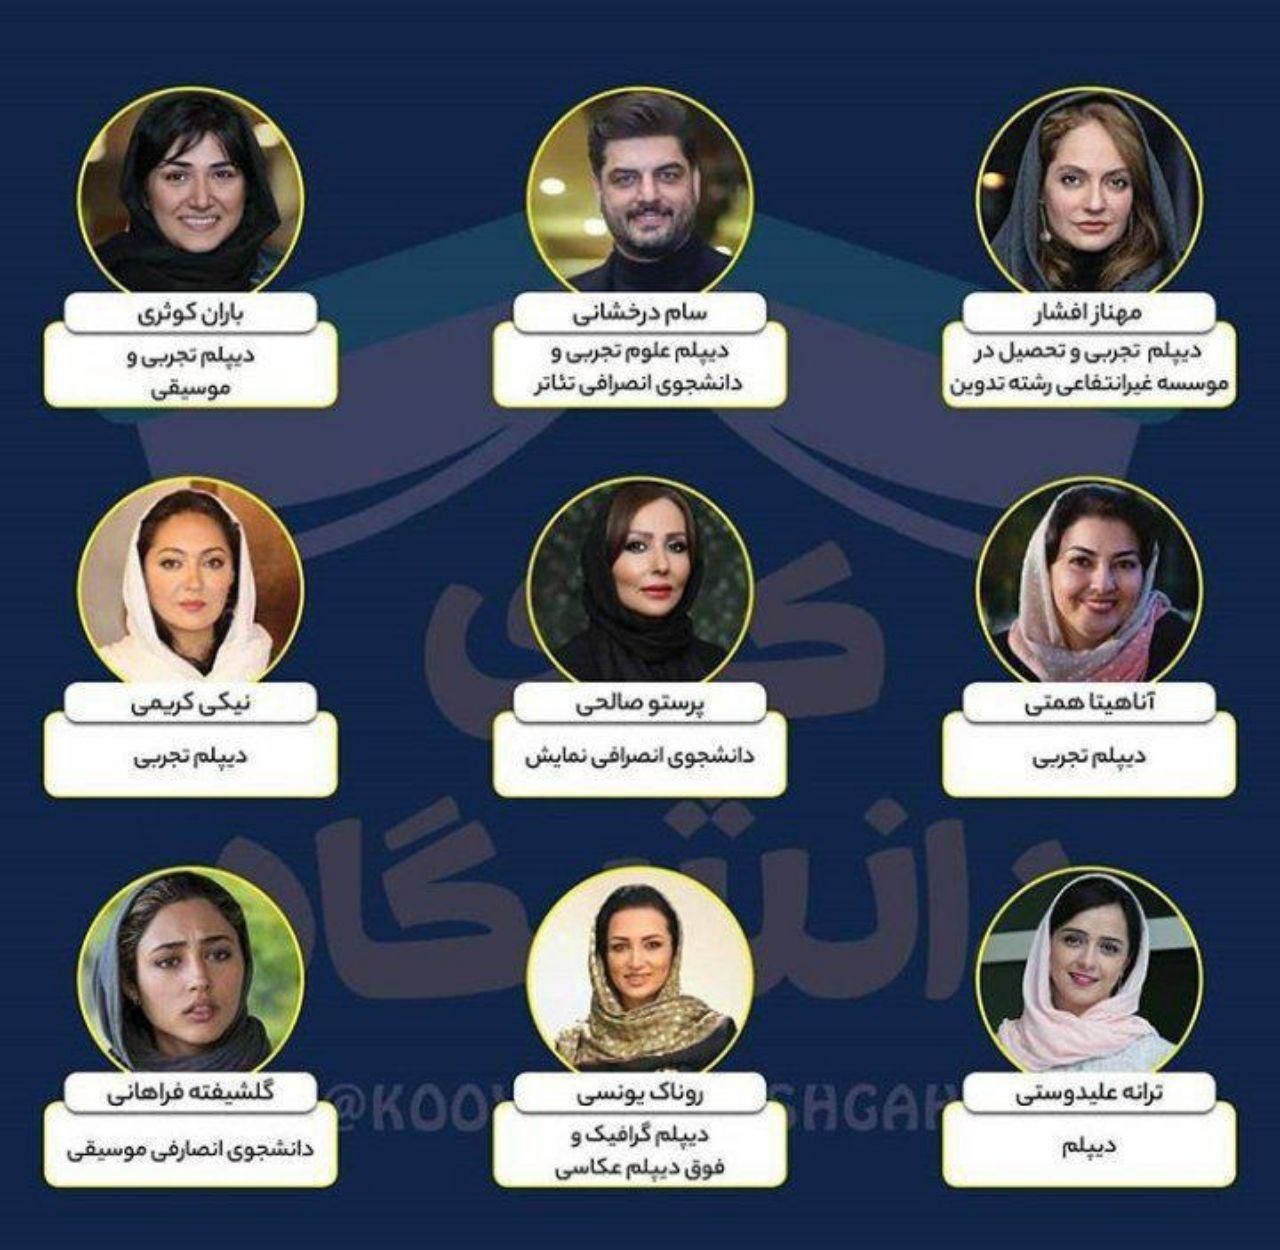 مدرک دیپلم سلبریتی های ایرانی+ عکس